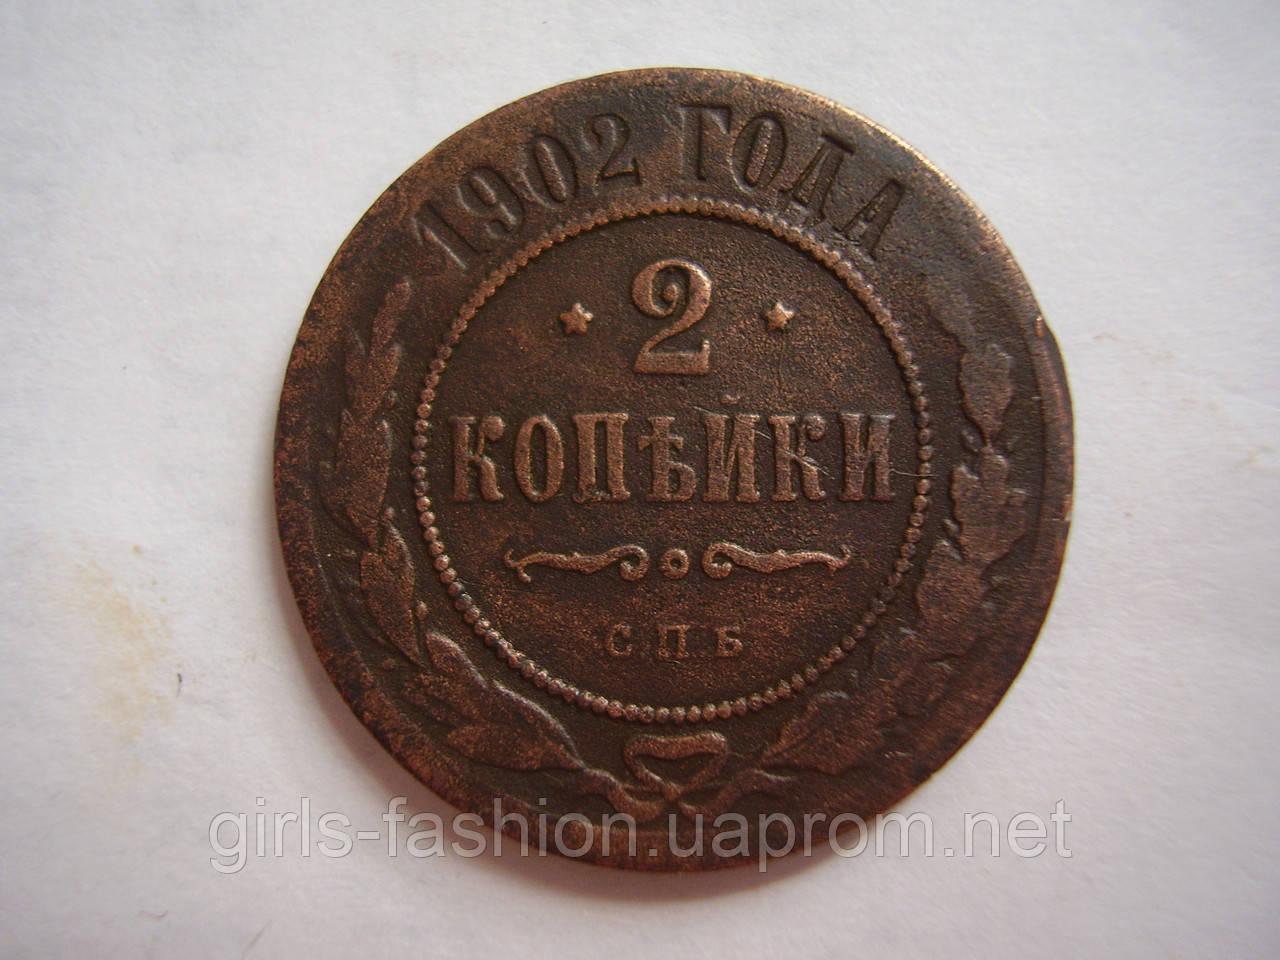 2 копейки 1902 года 20 копеек 1871 года стоимость